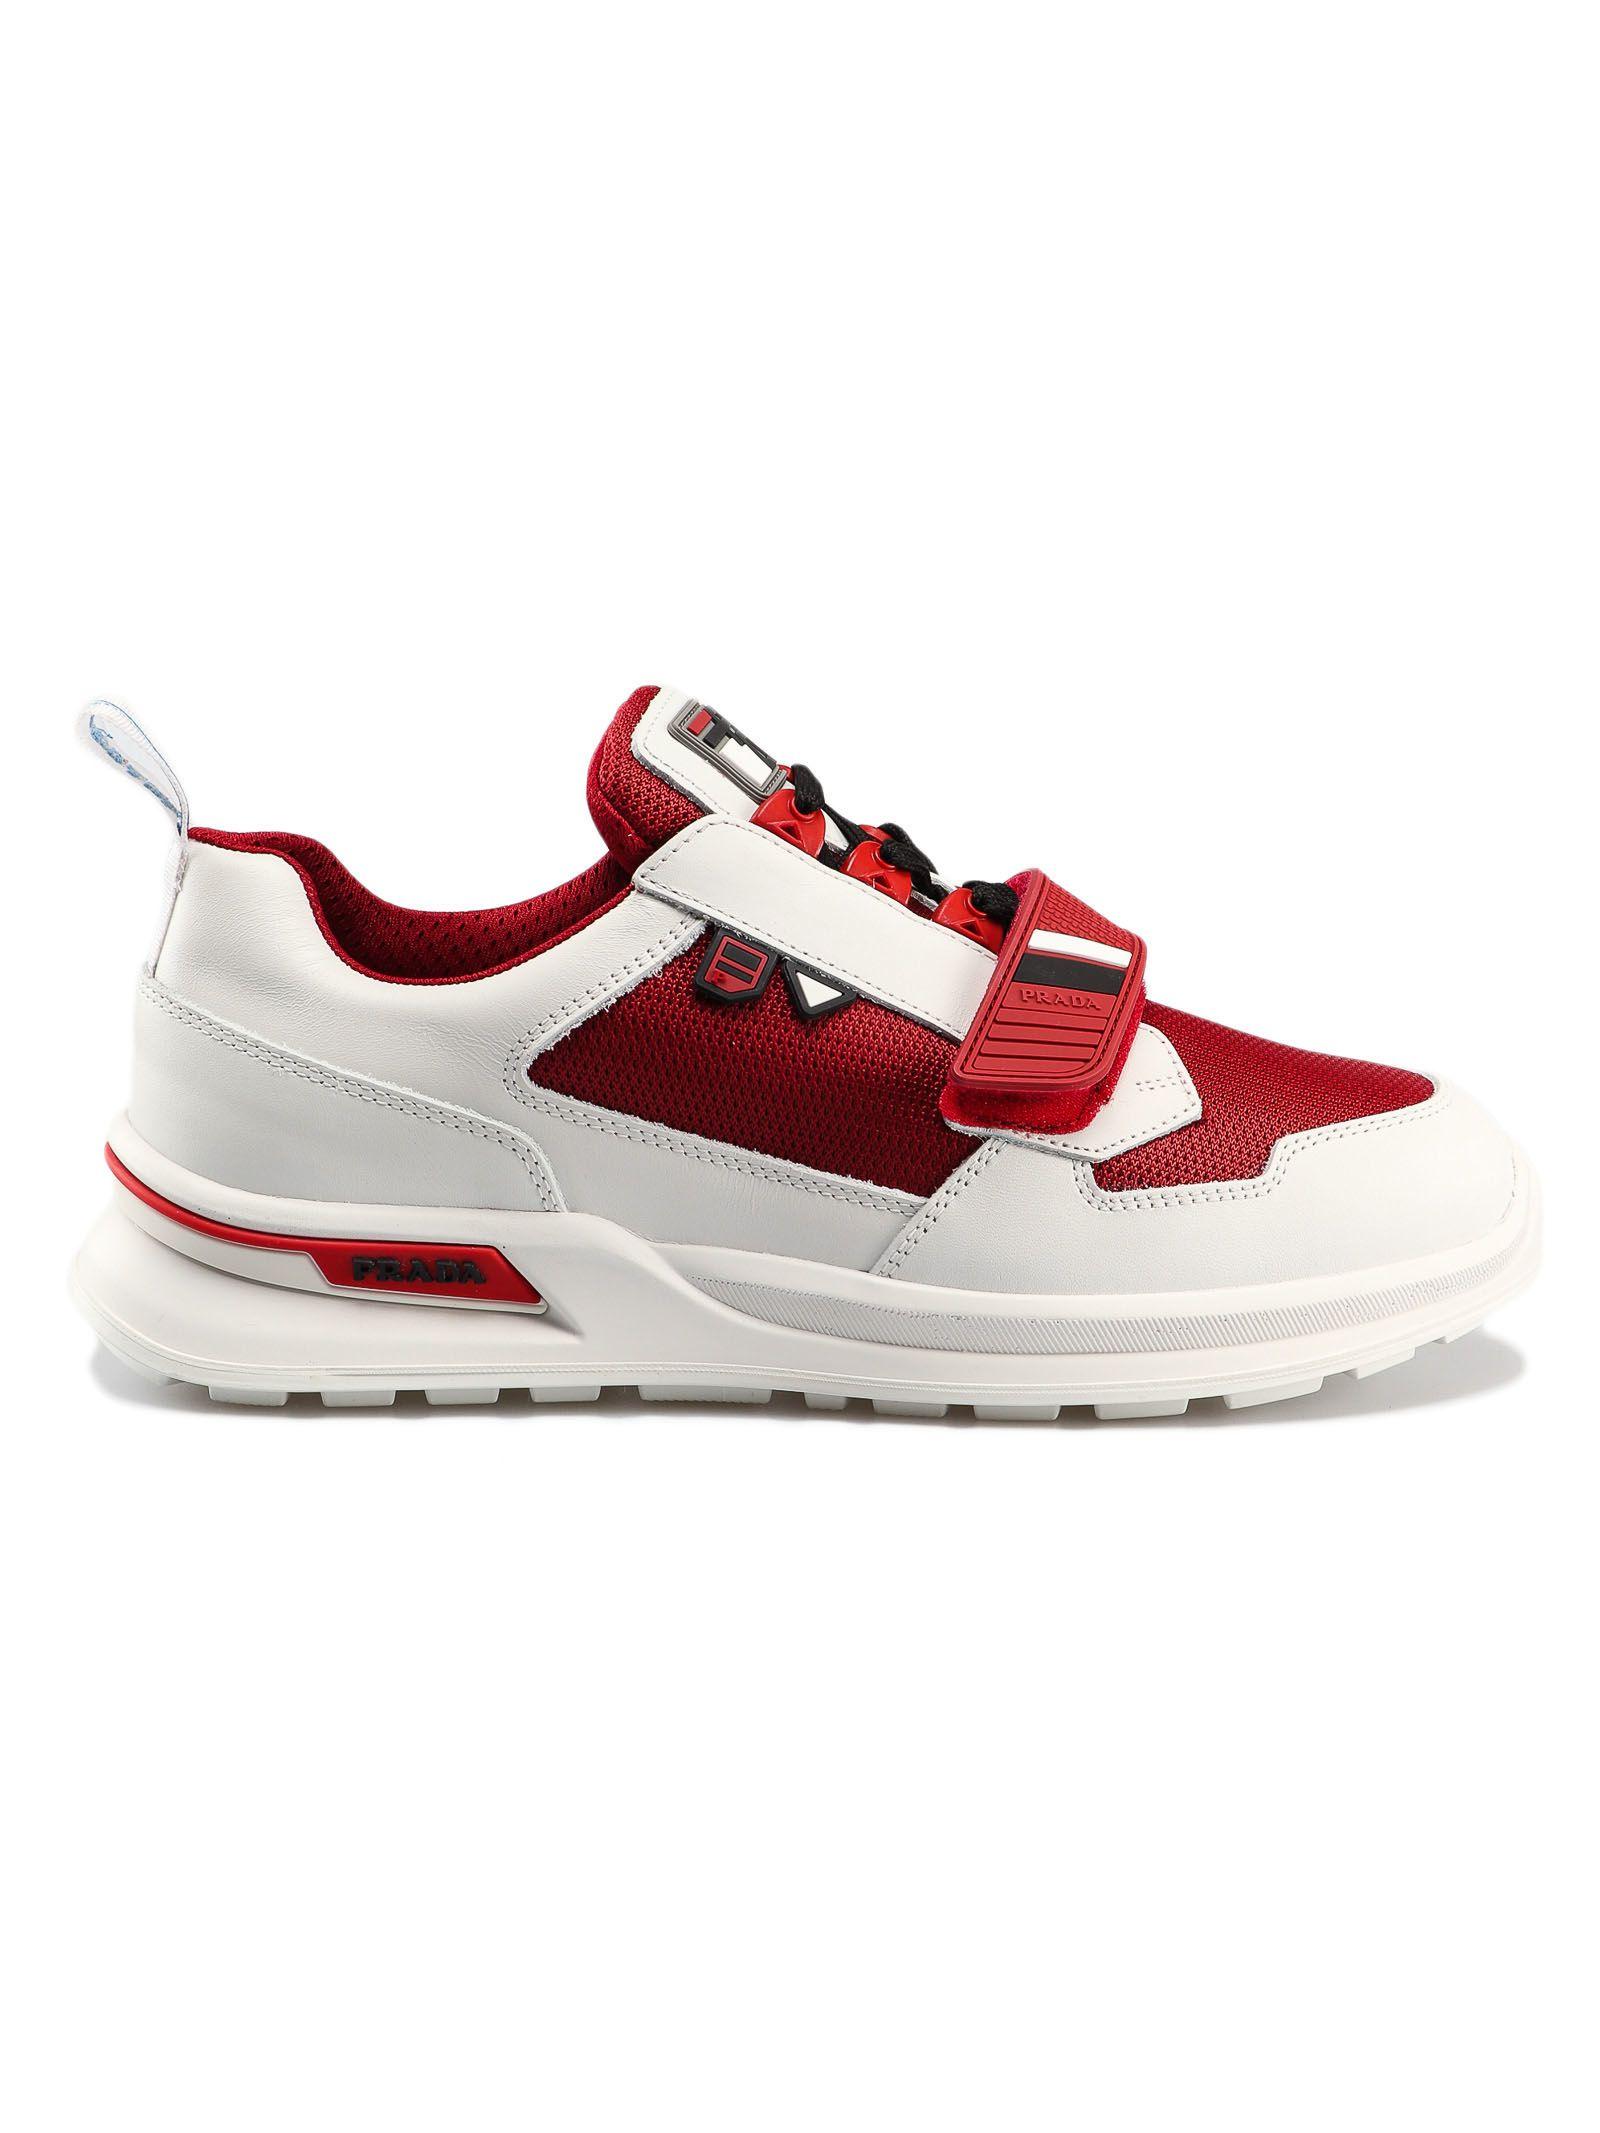 Prada Work Sneakers